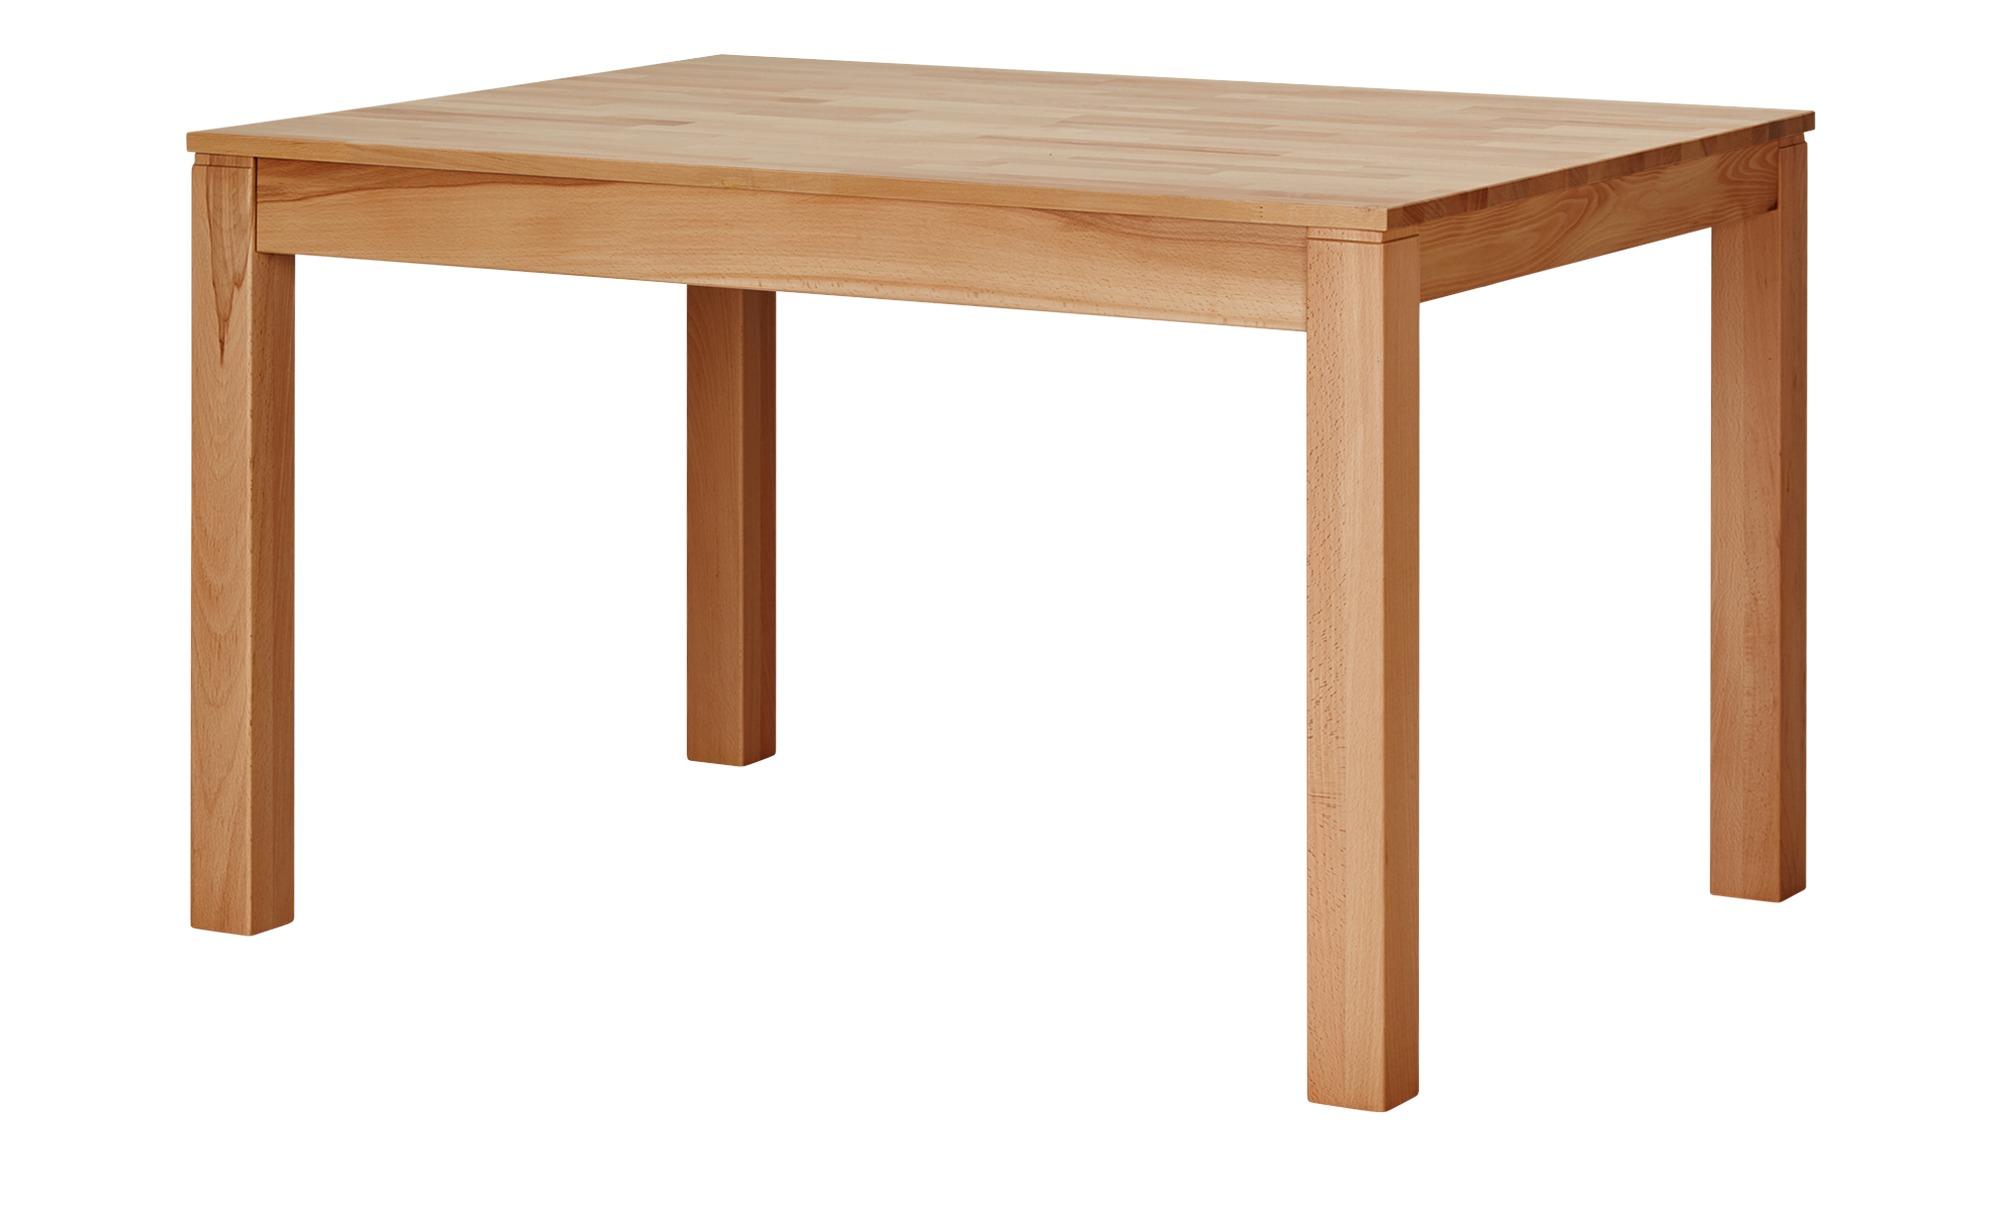 Woodford Esstisch  Sally ¦ holzfarben ¦ Maße (cm): B: 90 H: 75 Tische > Esstische > Esstische massiv - Höffner